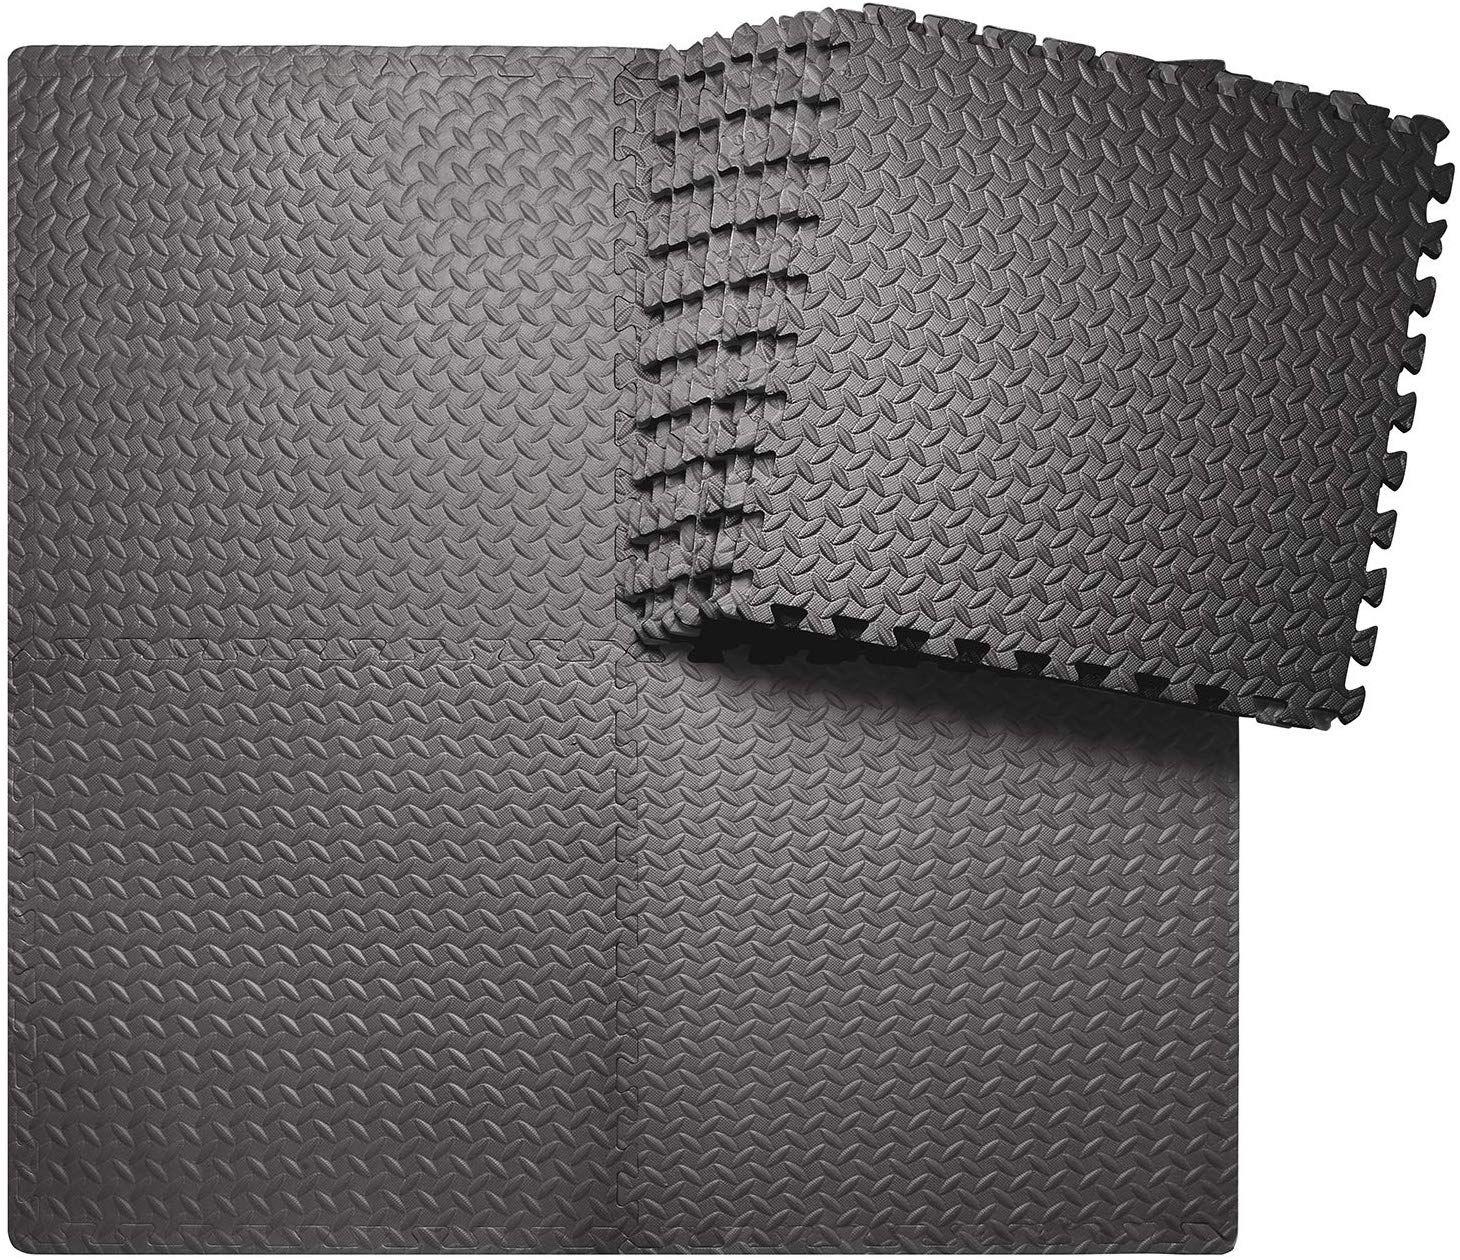 innhom 12/24 Tiles Gym Mat Exercise Mats Puzzle Foam Mats